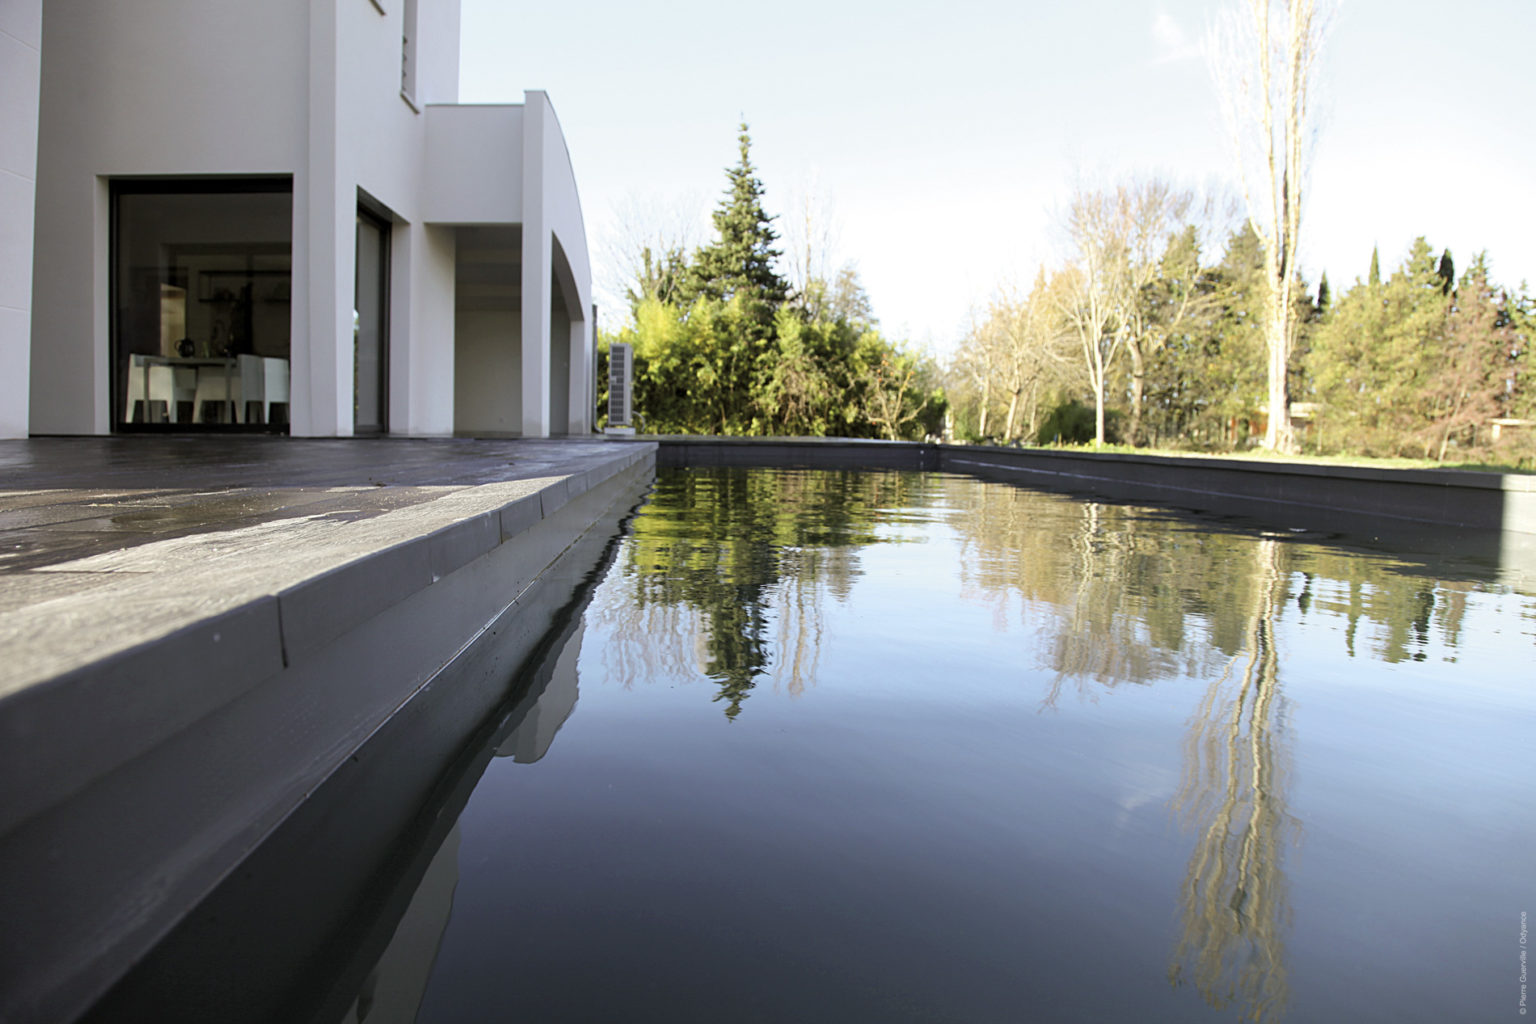 Villa-contemporaine-bateau-ivre-lisle-sur-la-sorgue-8115